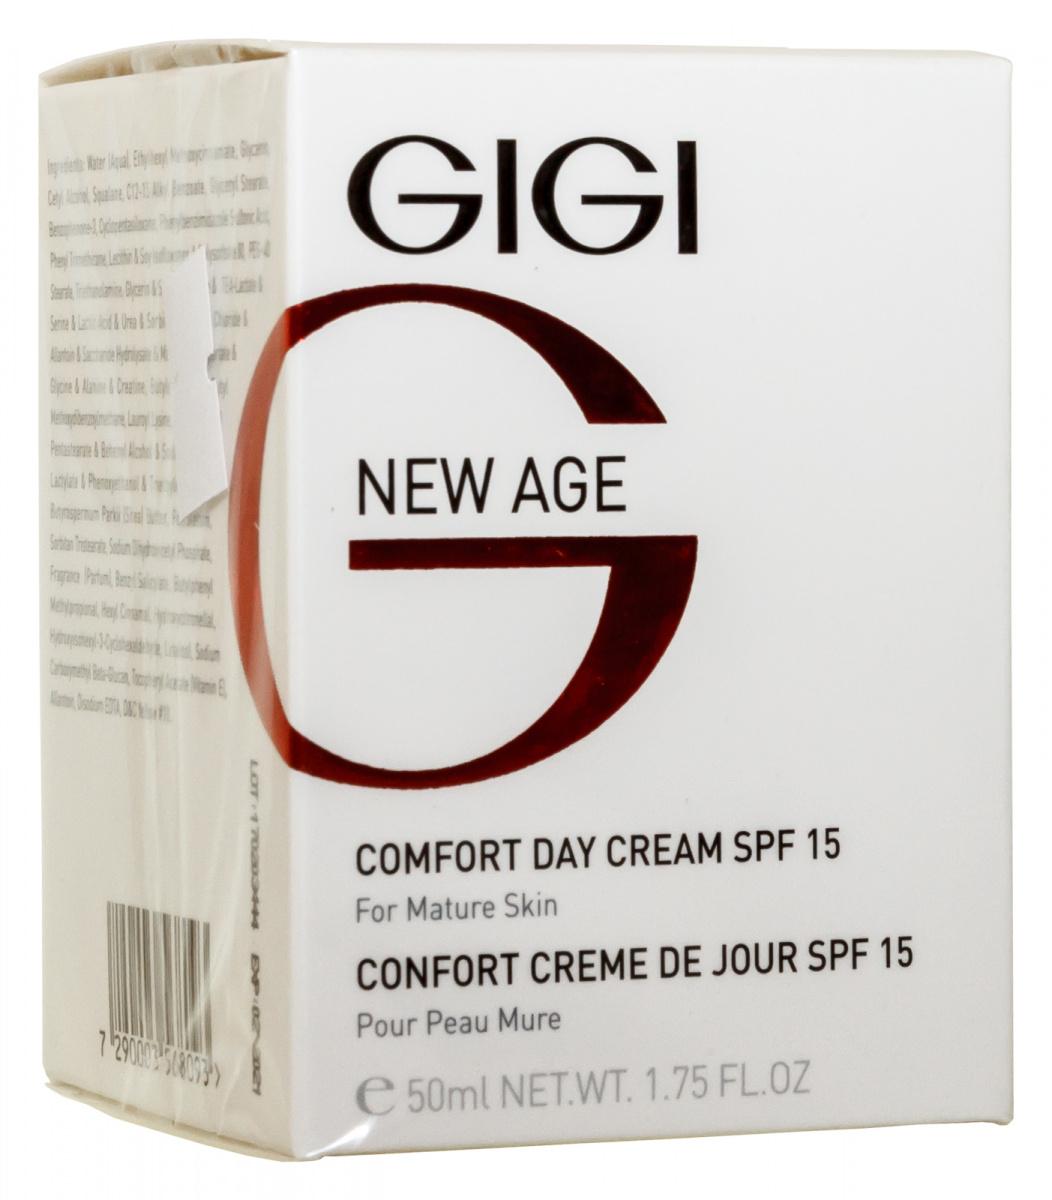 Gigi косметика купить в израиле купить косметику пайот в минске